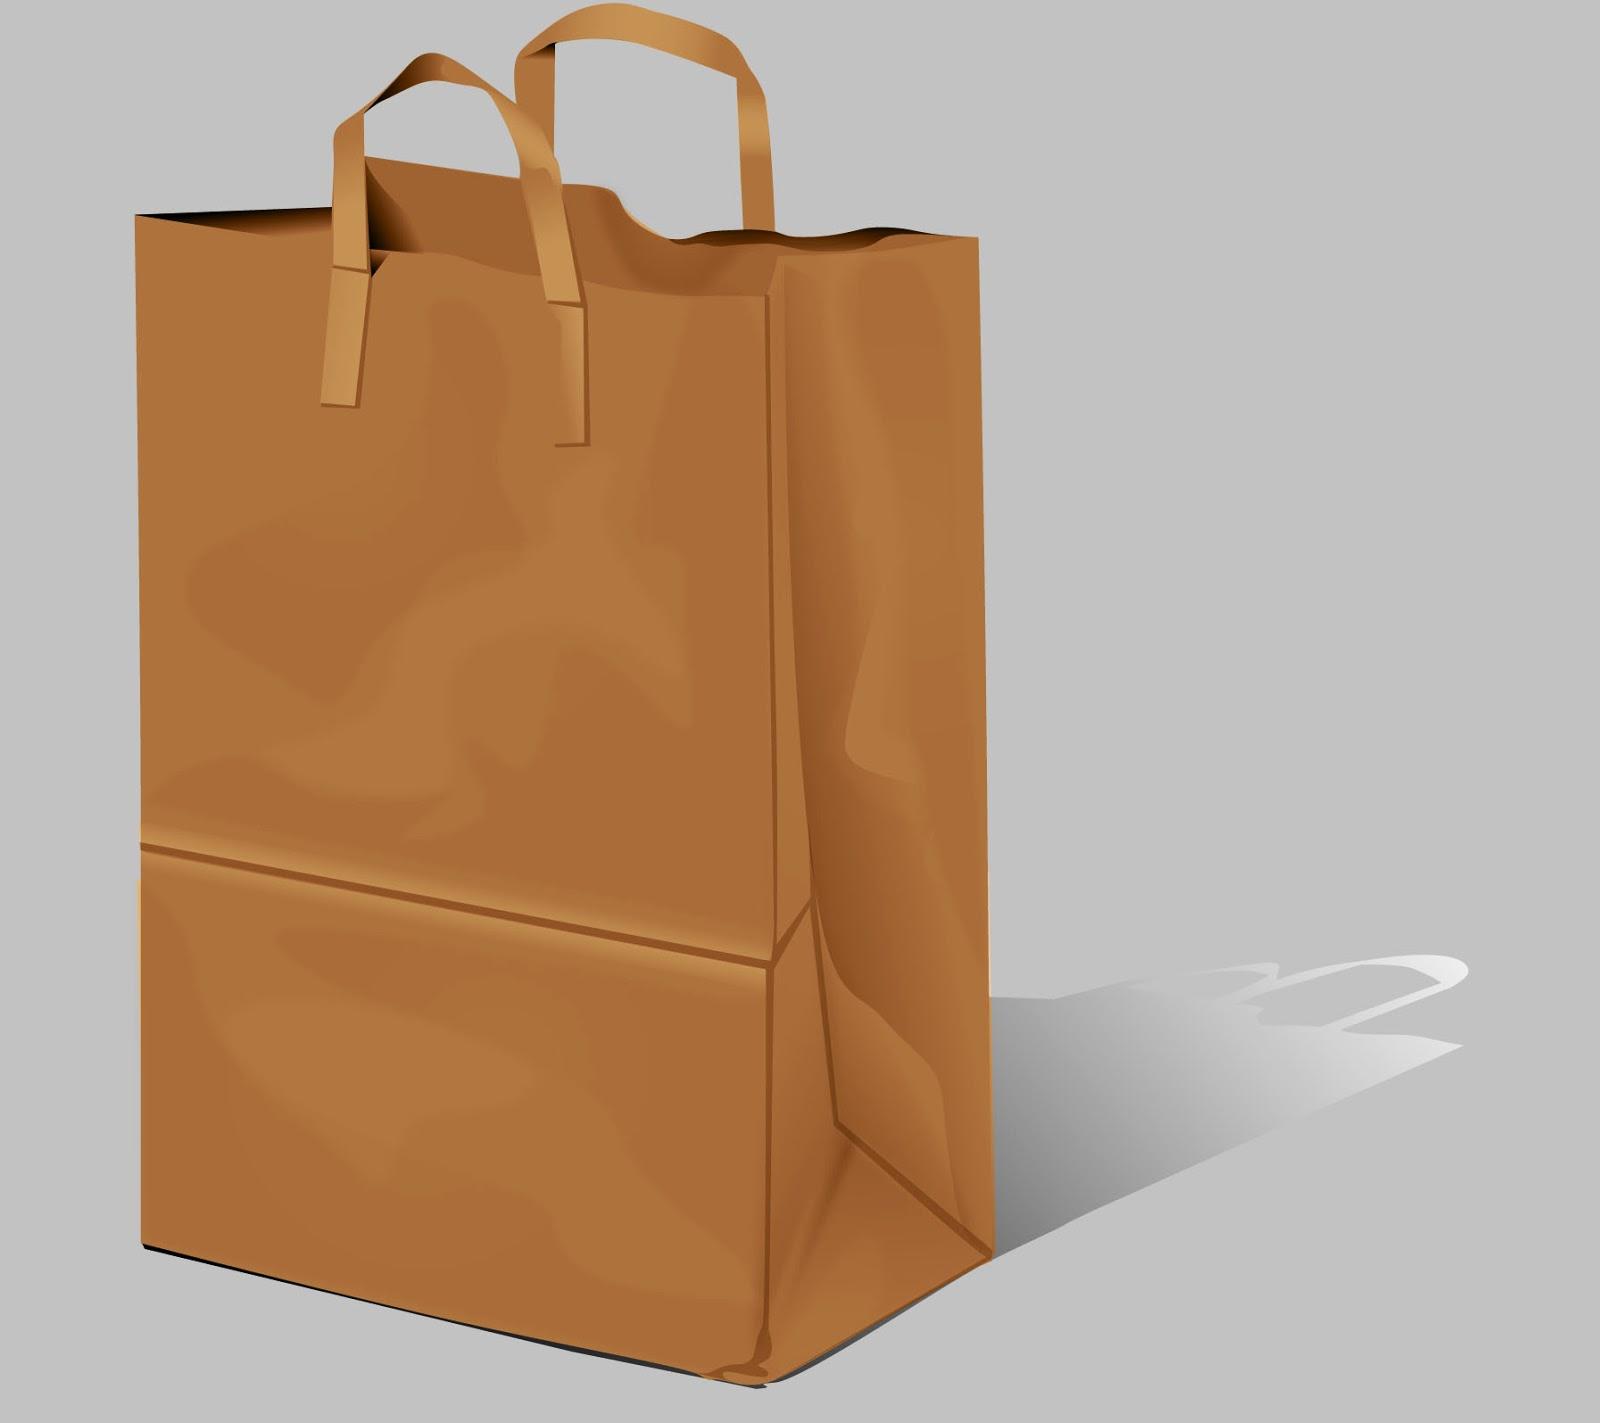 kane blog picz Paper Bag Wallpaper 1600x1423